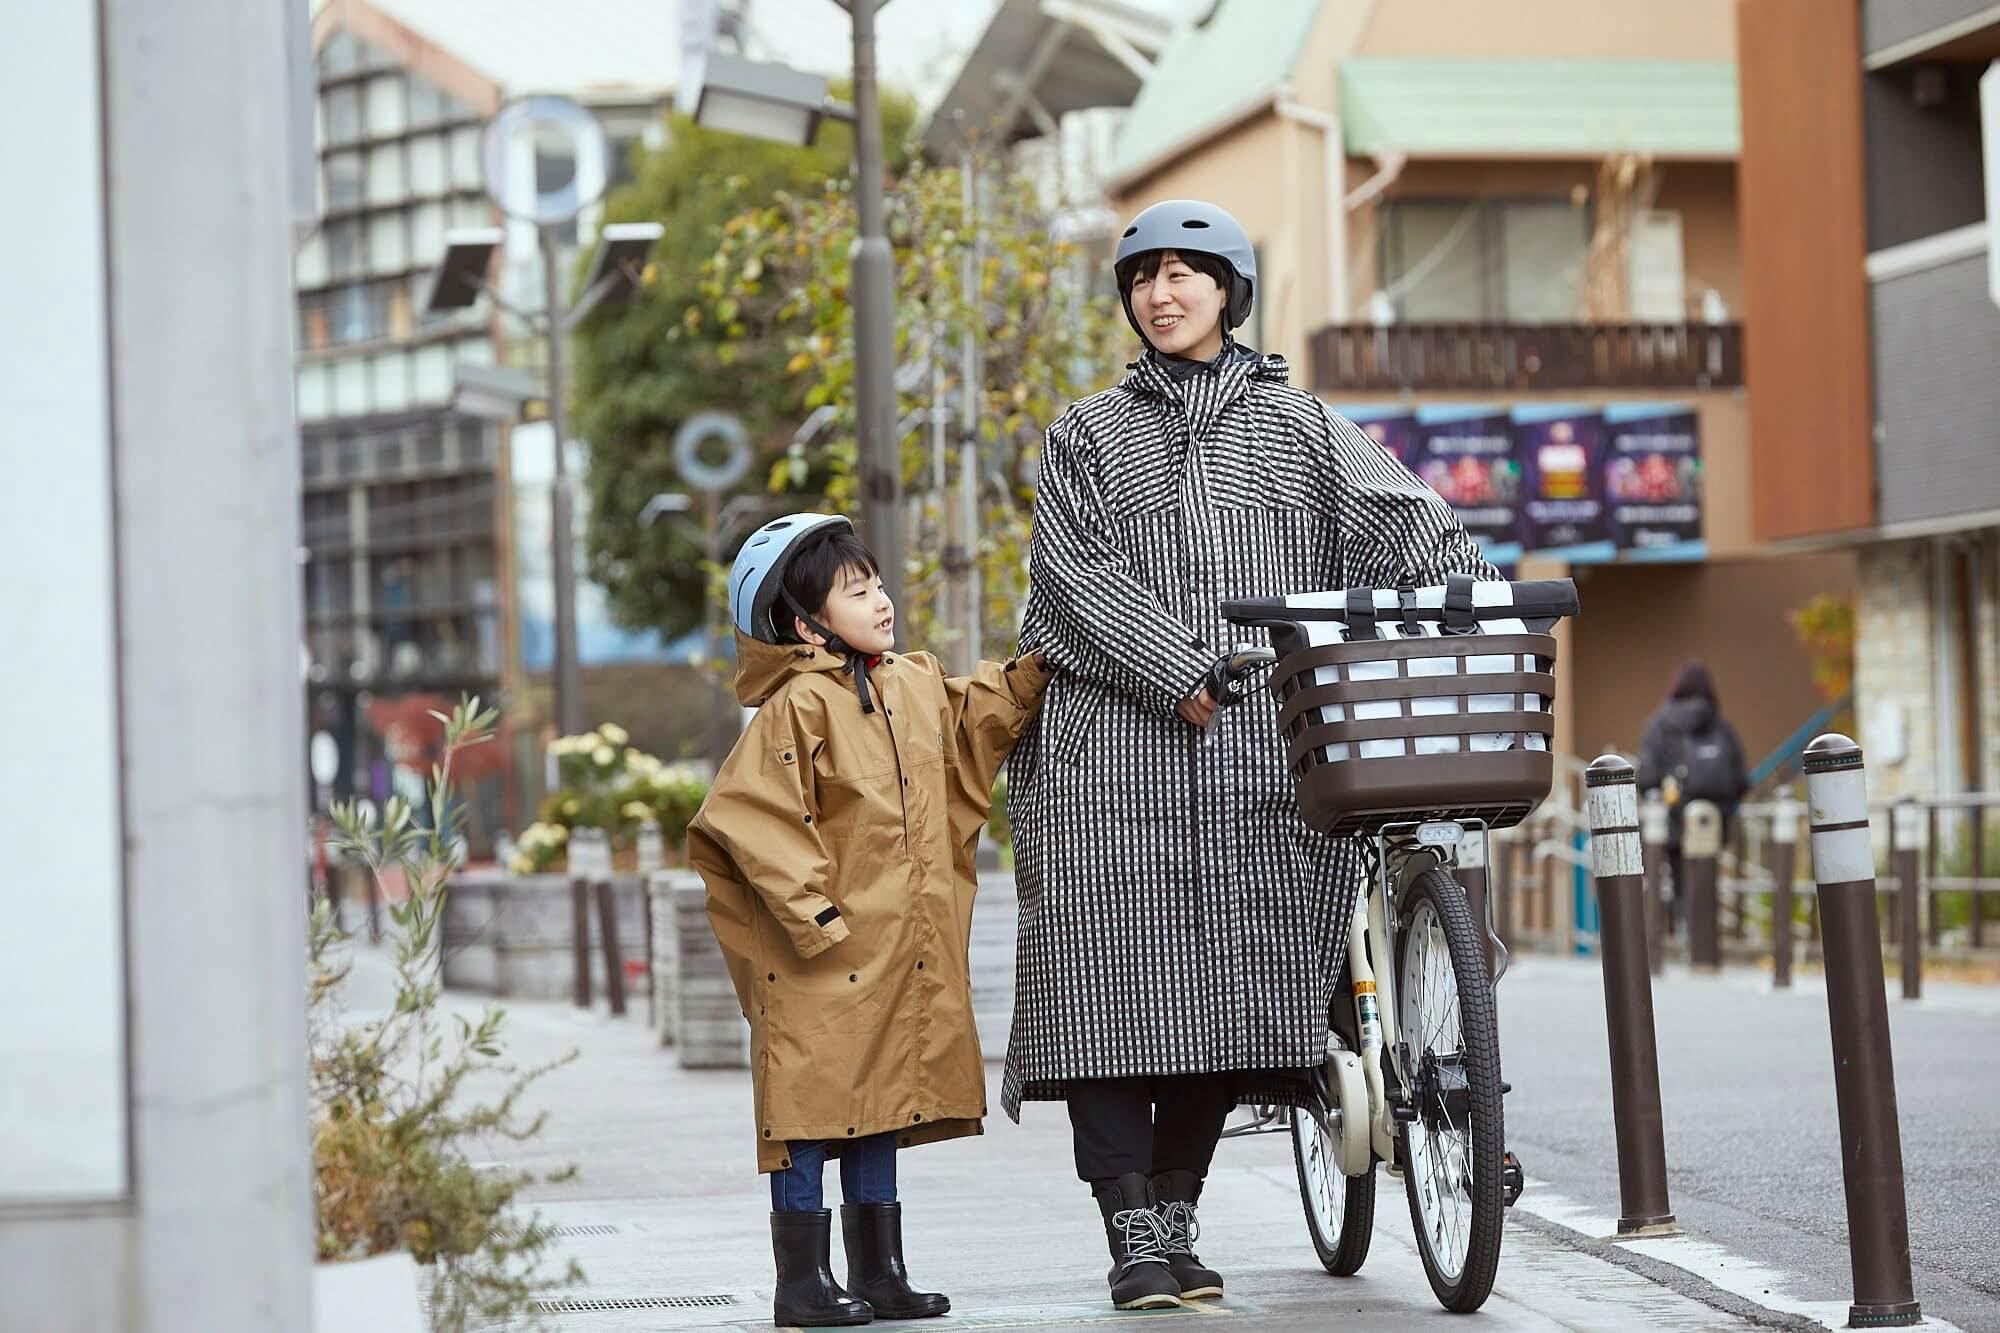 【親子セット】7441 サイクルモード ハイポンチョ + 7442 ハイポンチョ キッズ